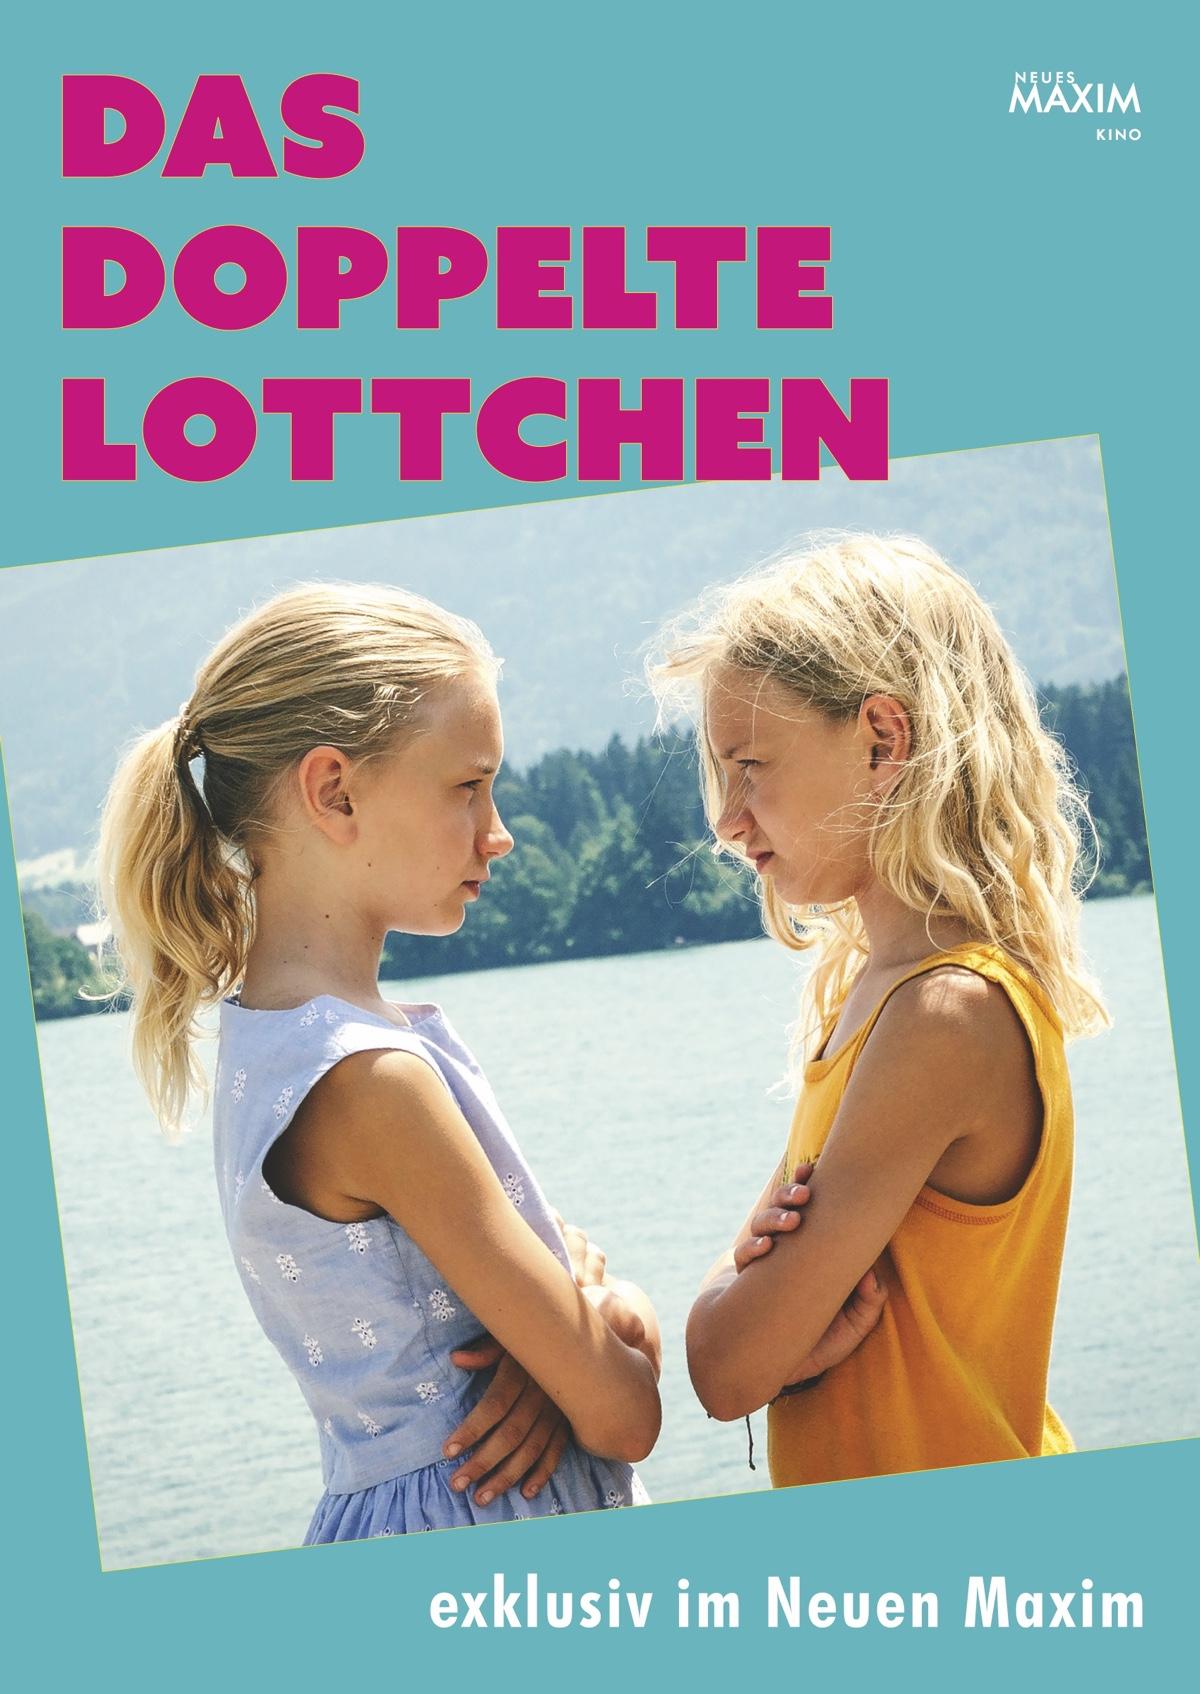 Das Doppelte Lottchen 2019 Ganzer Film